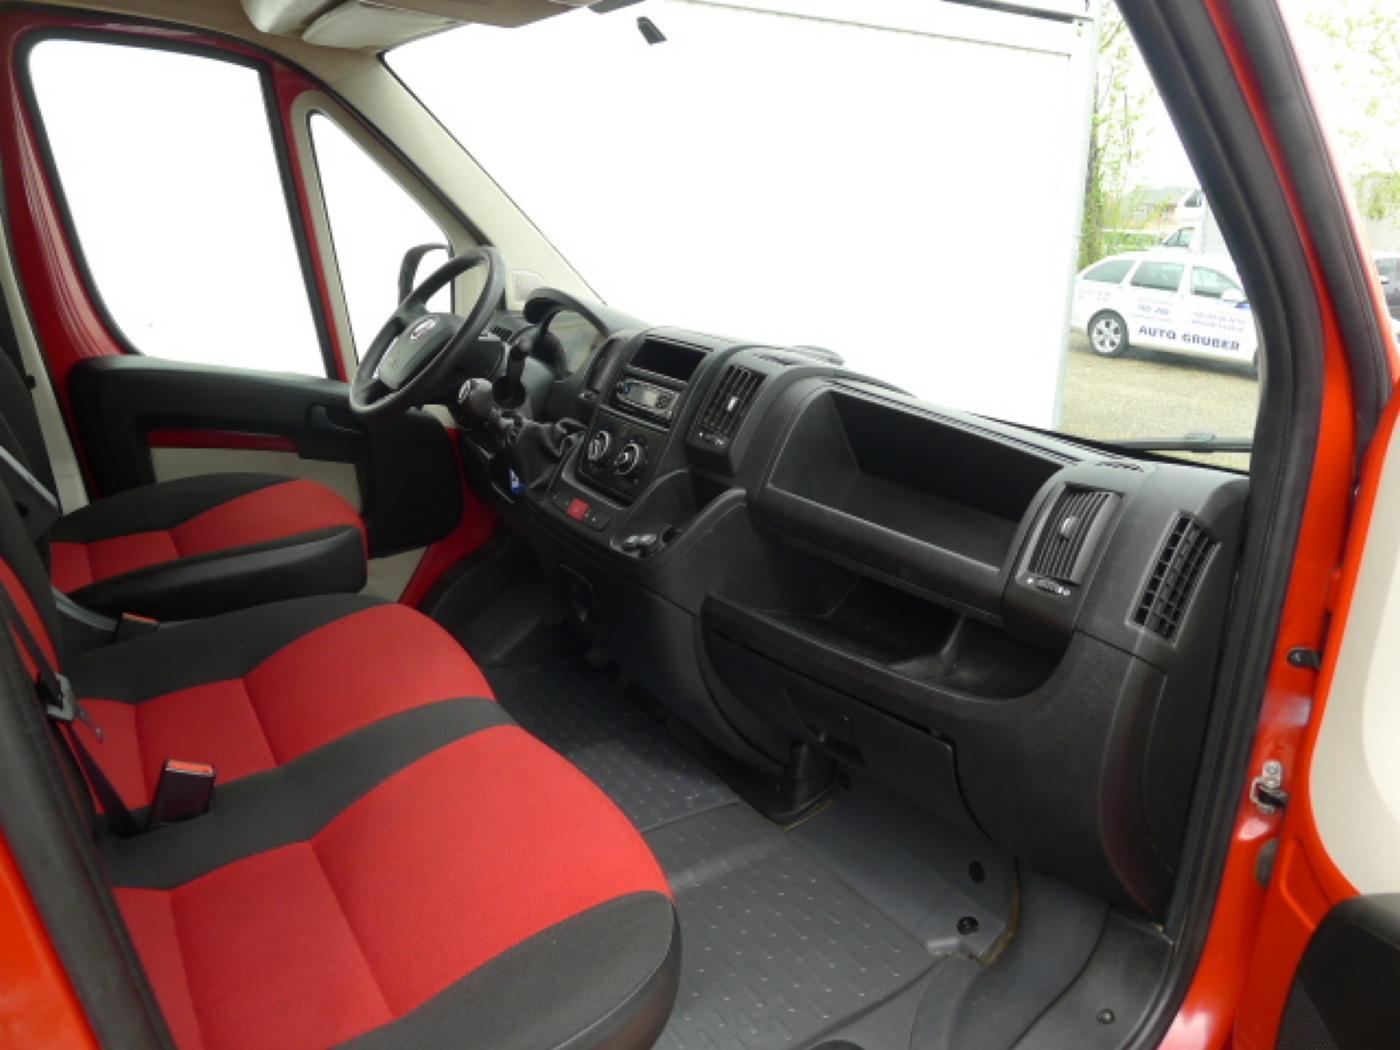 Fiat Ducato 2,3 JTD Maxi L3H2 6míst+klima Novinka - 9